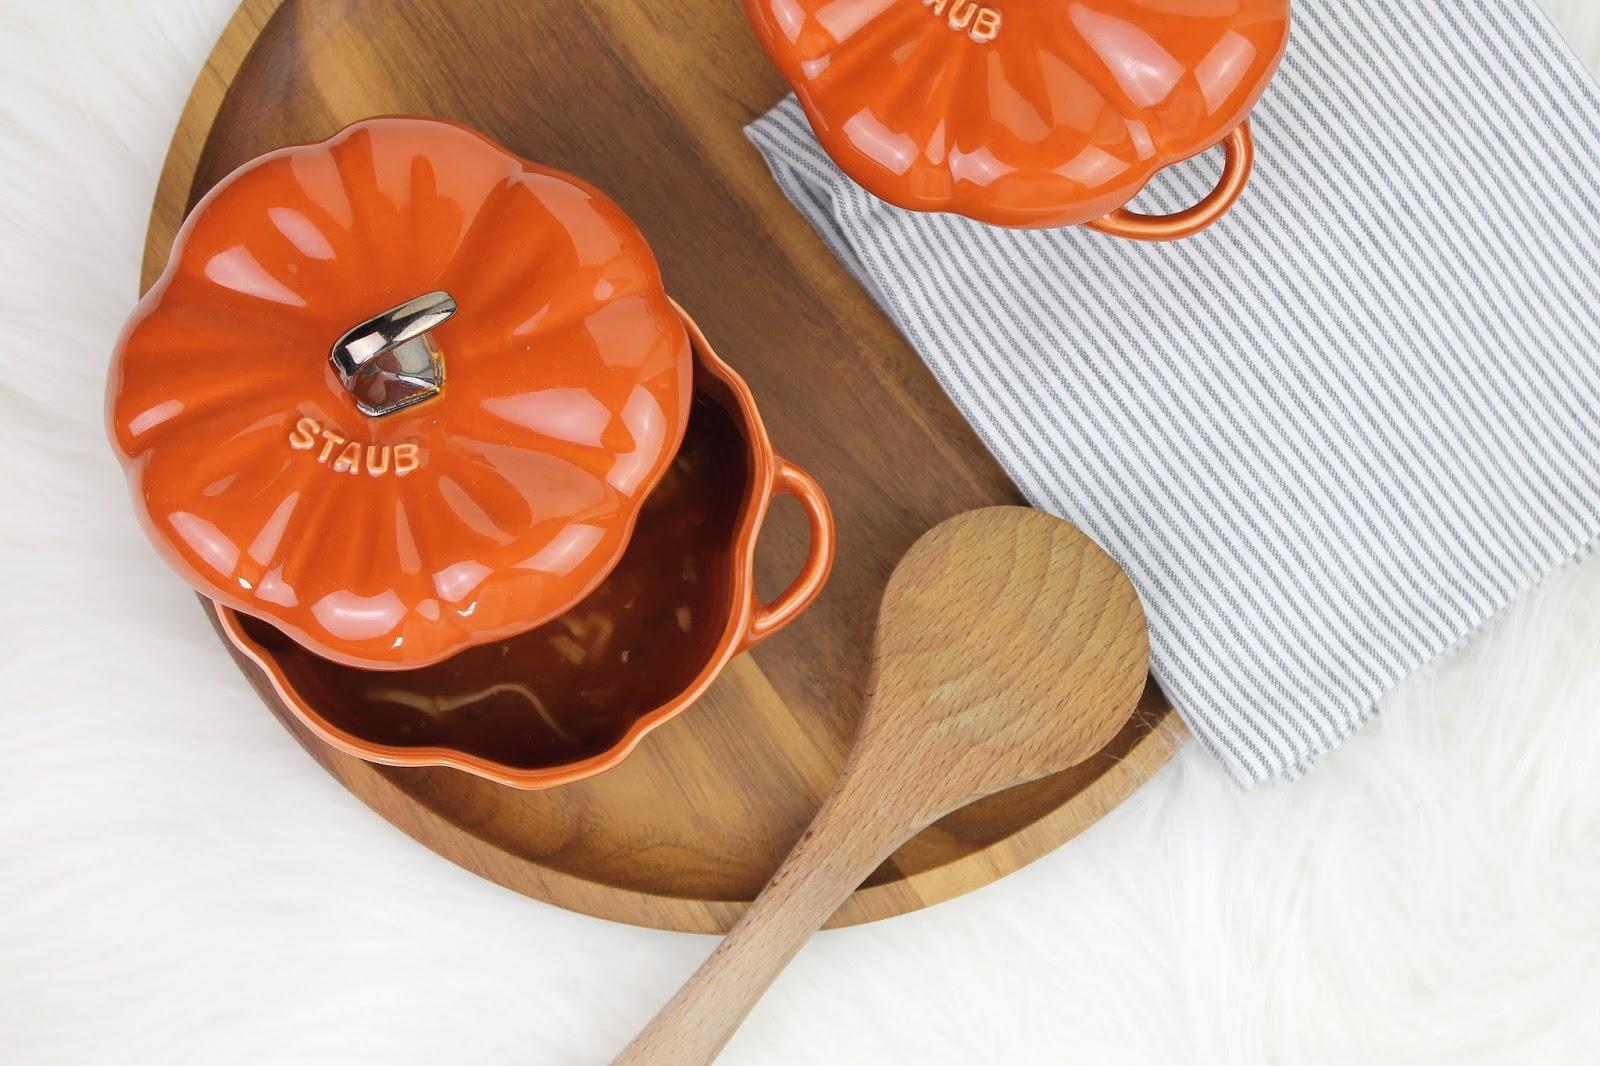 Staub pompoen braadpannen